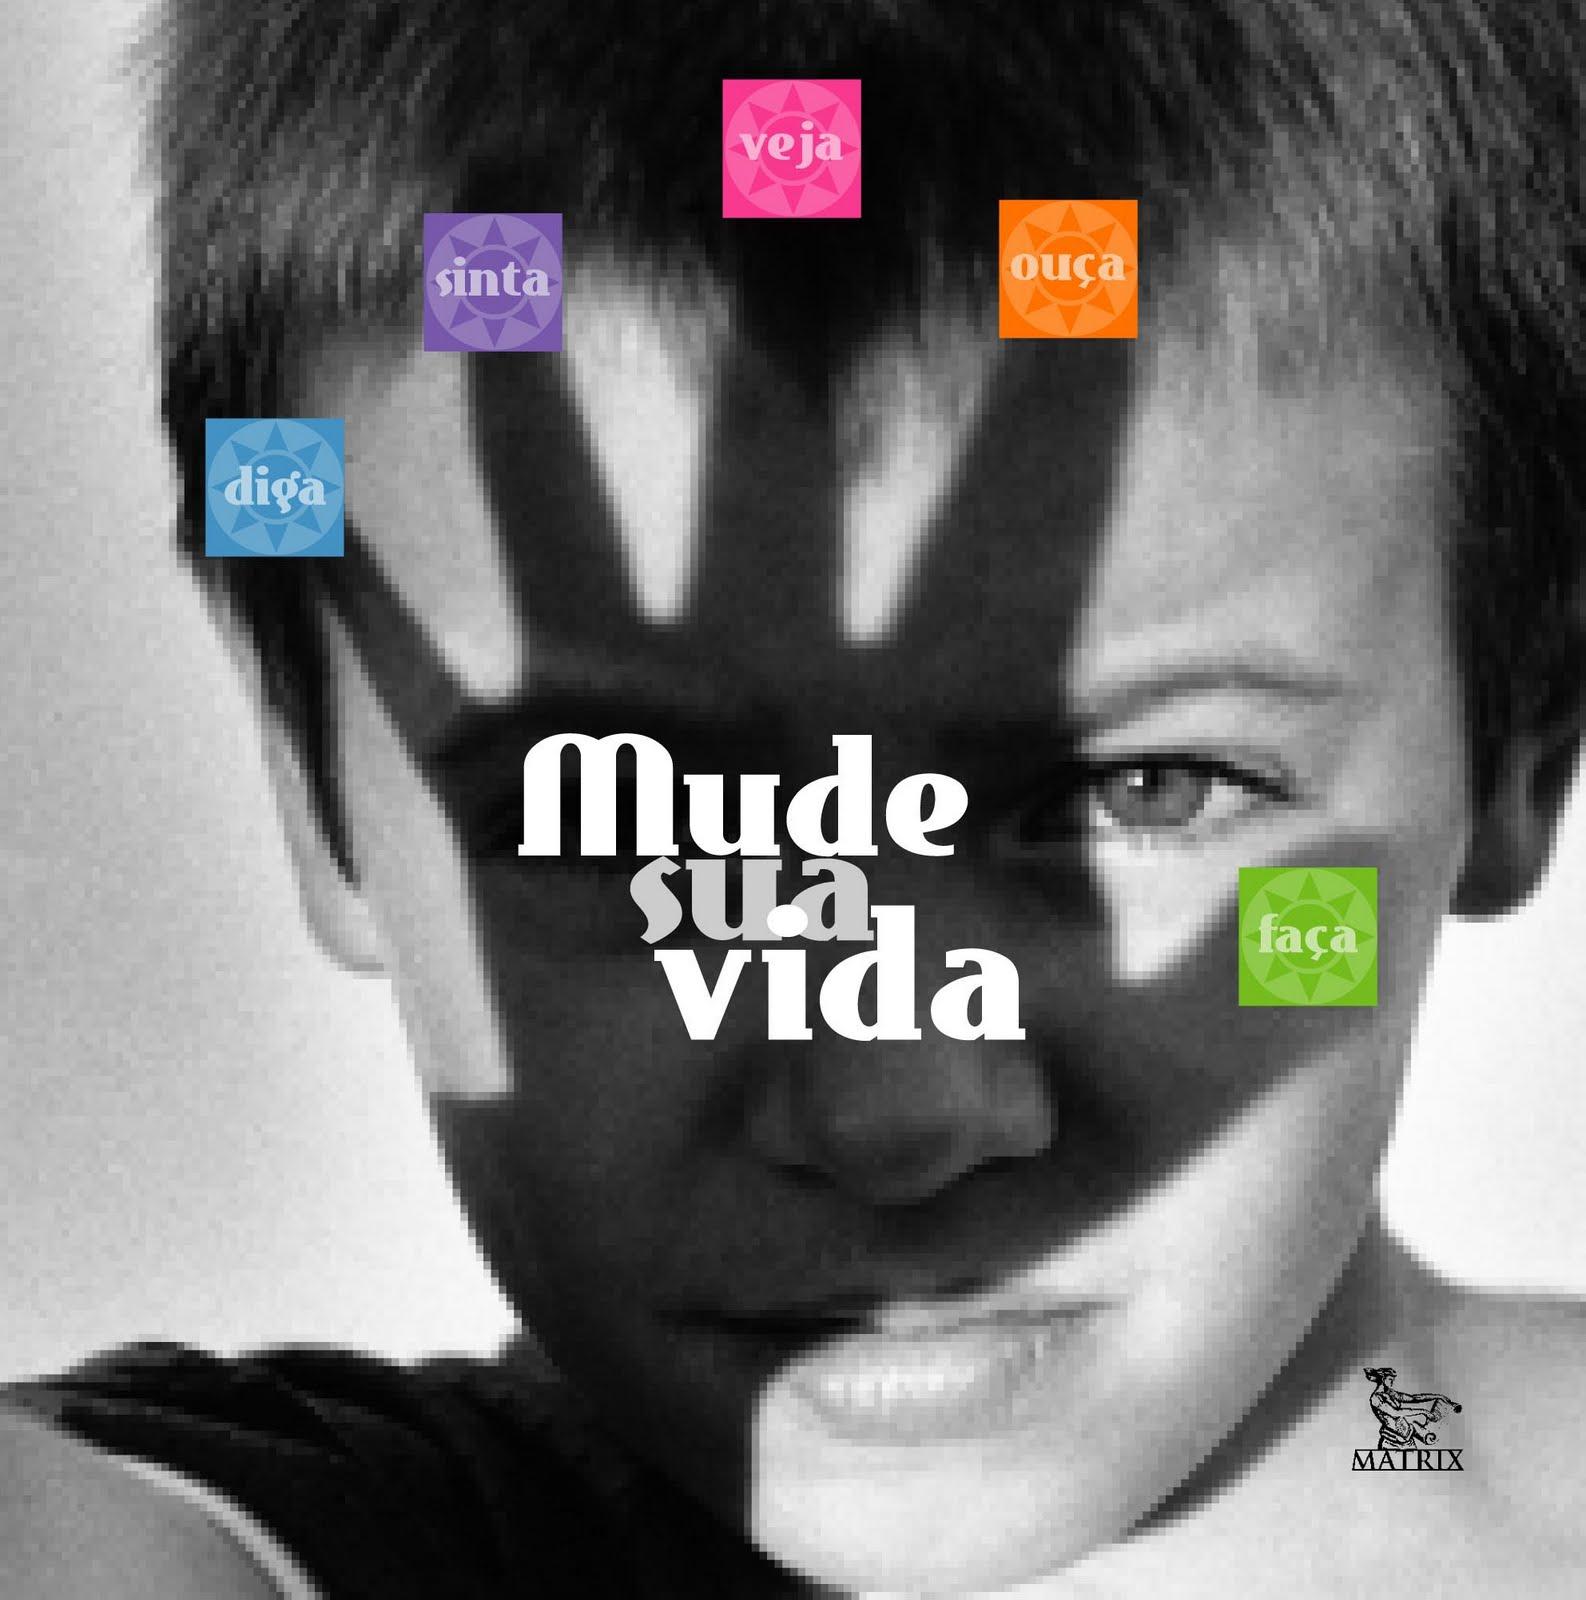 http://3.bp.blogspot.com/-low6ojee5Wg/ThMwCWk8H8I/AAAAAAAAAKM/KtUzzE_c9pA/s1600/mude_sua_vida2.jpg